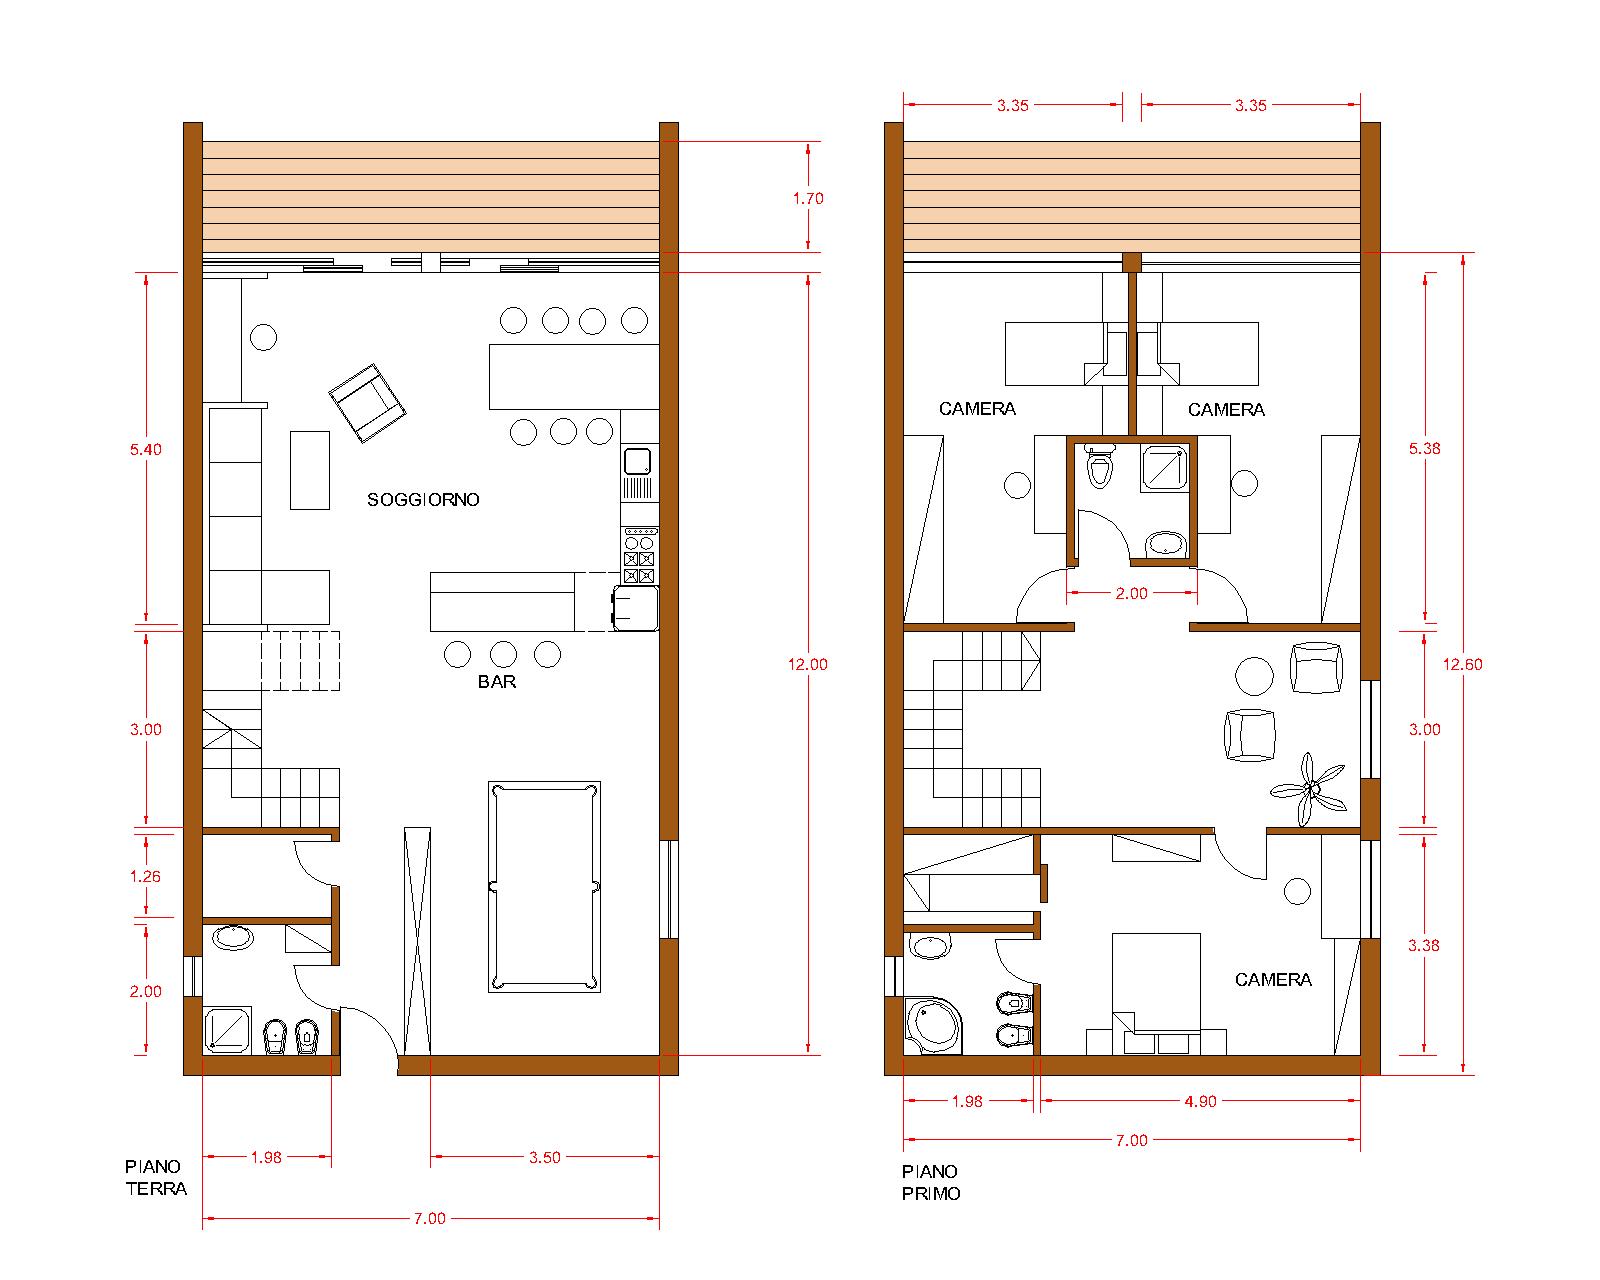 Progetti di case in legno casa 191 mq terrazze 25 mq for Casa moderna pianta